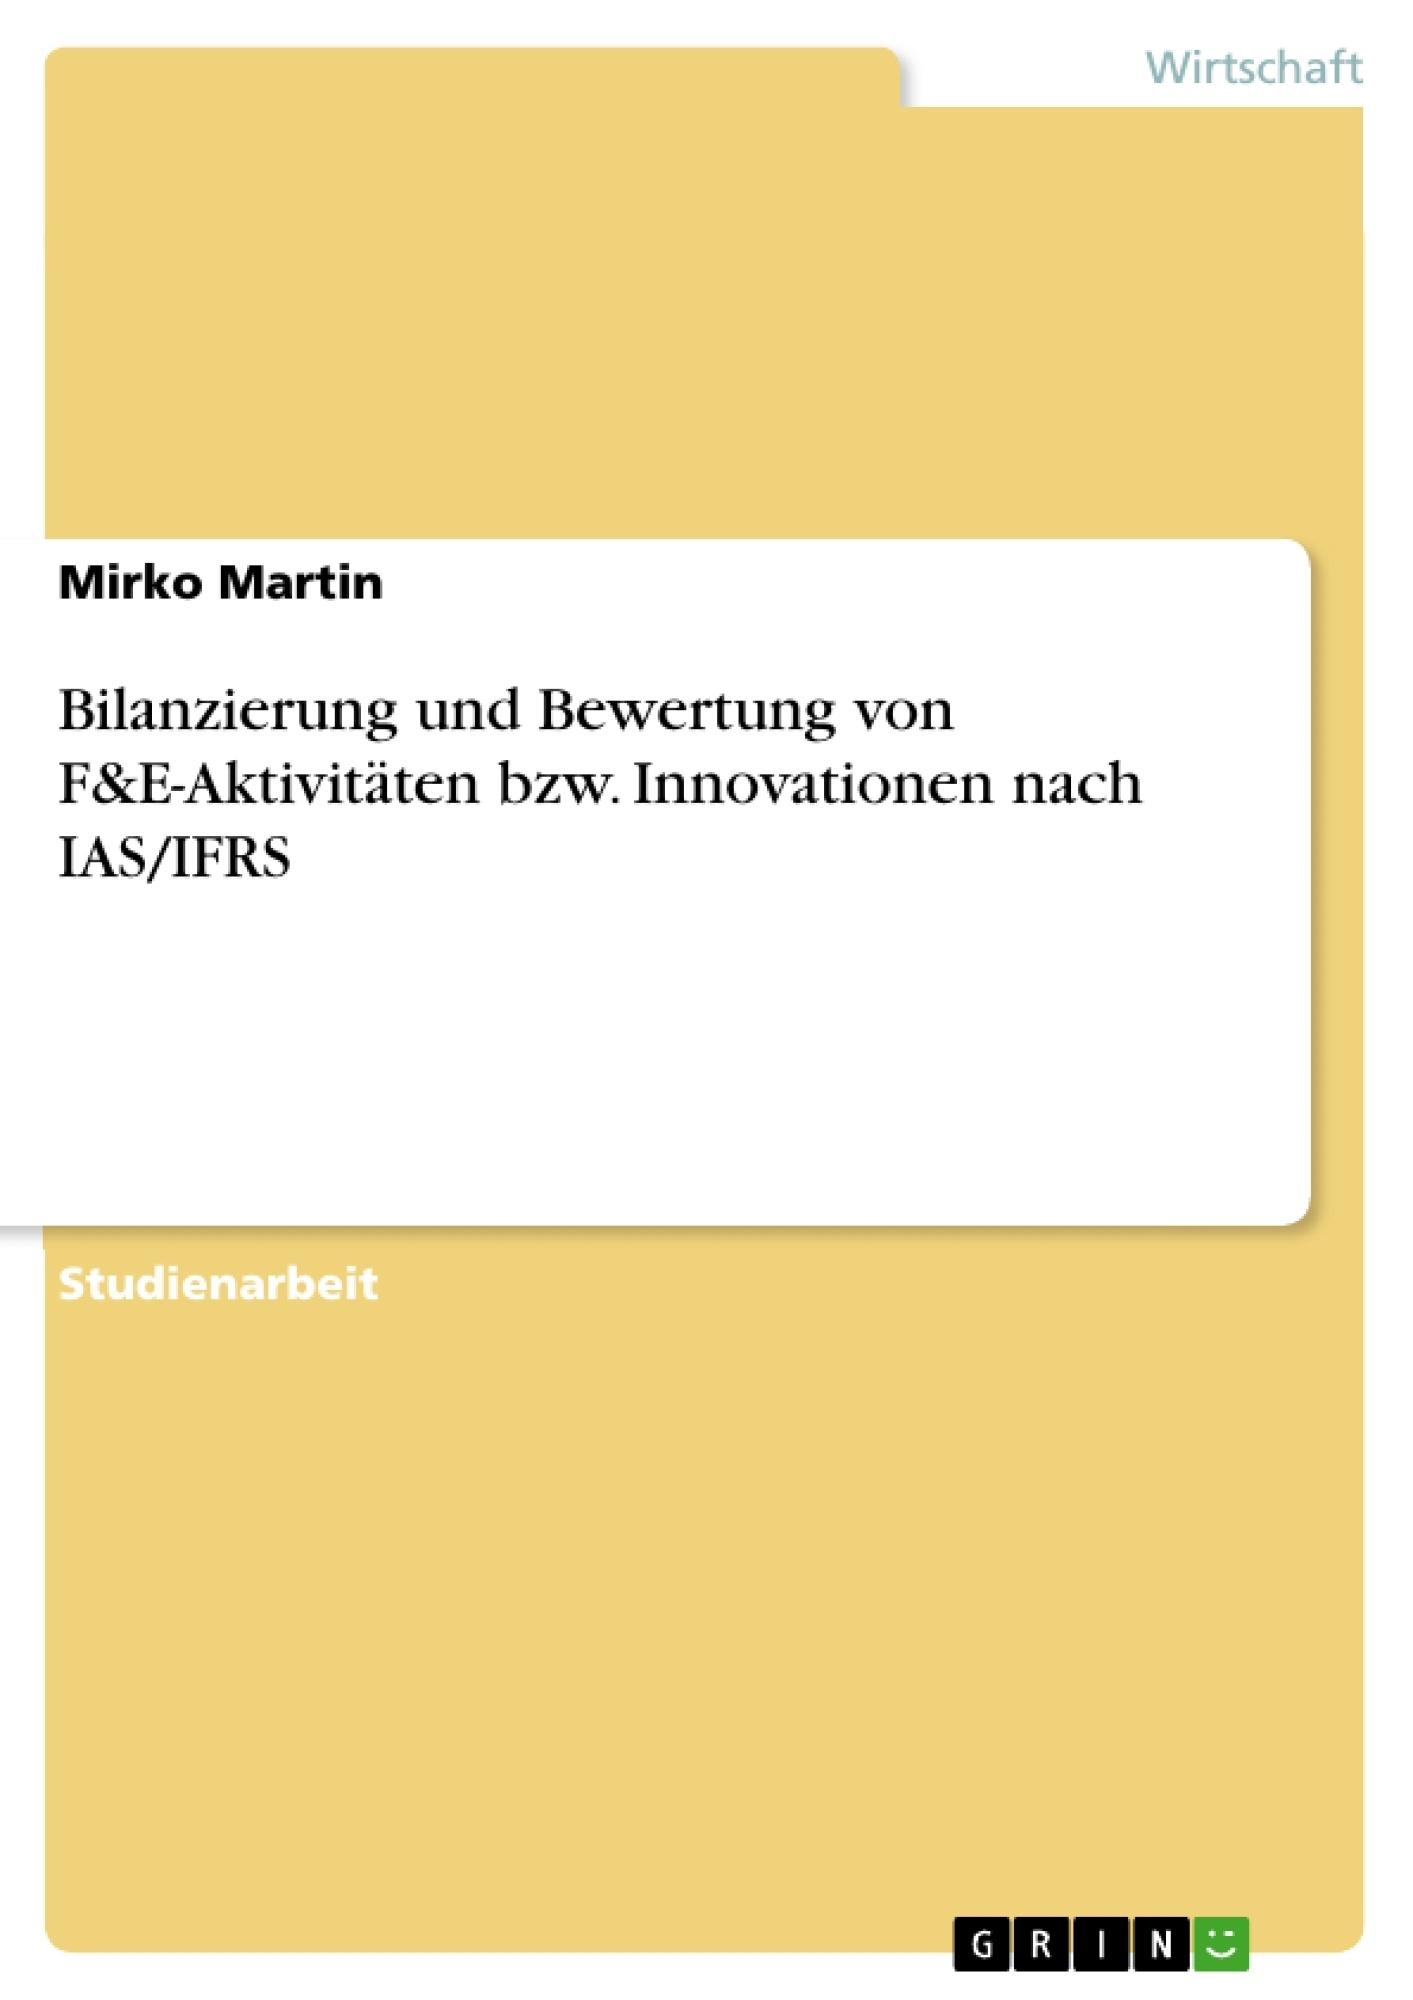 Titel: Bilanzierung und Bewertung von F&E-Aktivitäten bzw. Innovationen nach IAS/IFRS